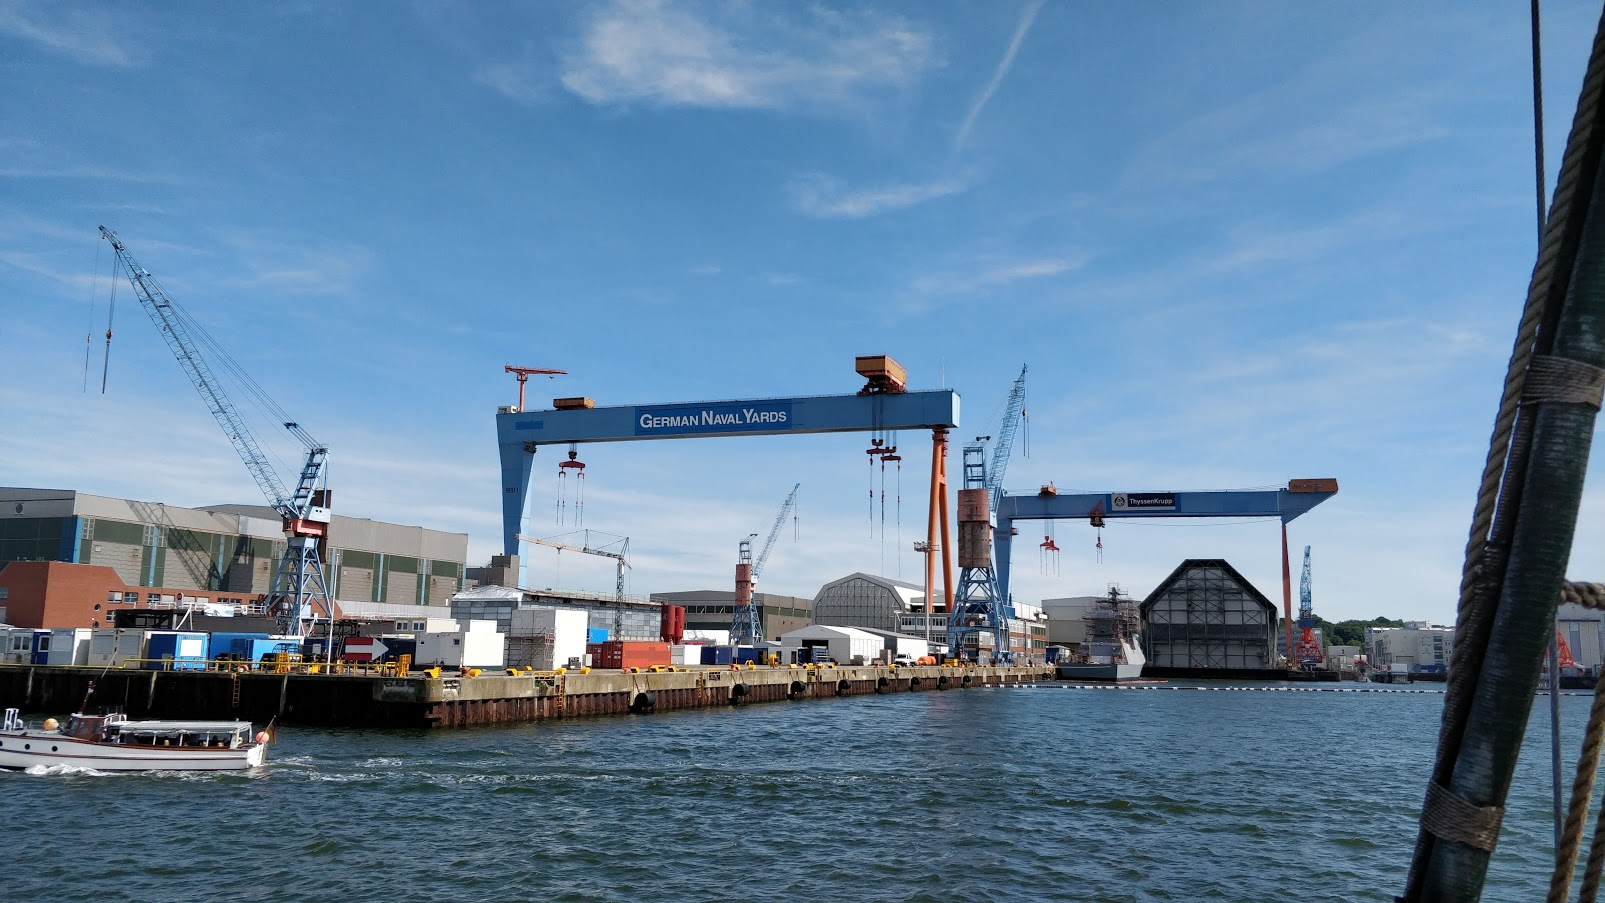 Blick vom Wasser auf die Portalkräne und Gebäude der Werft German Naval Yards